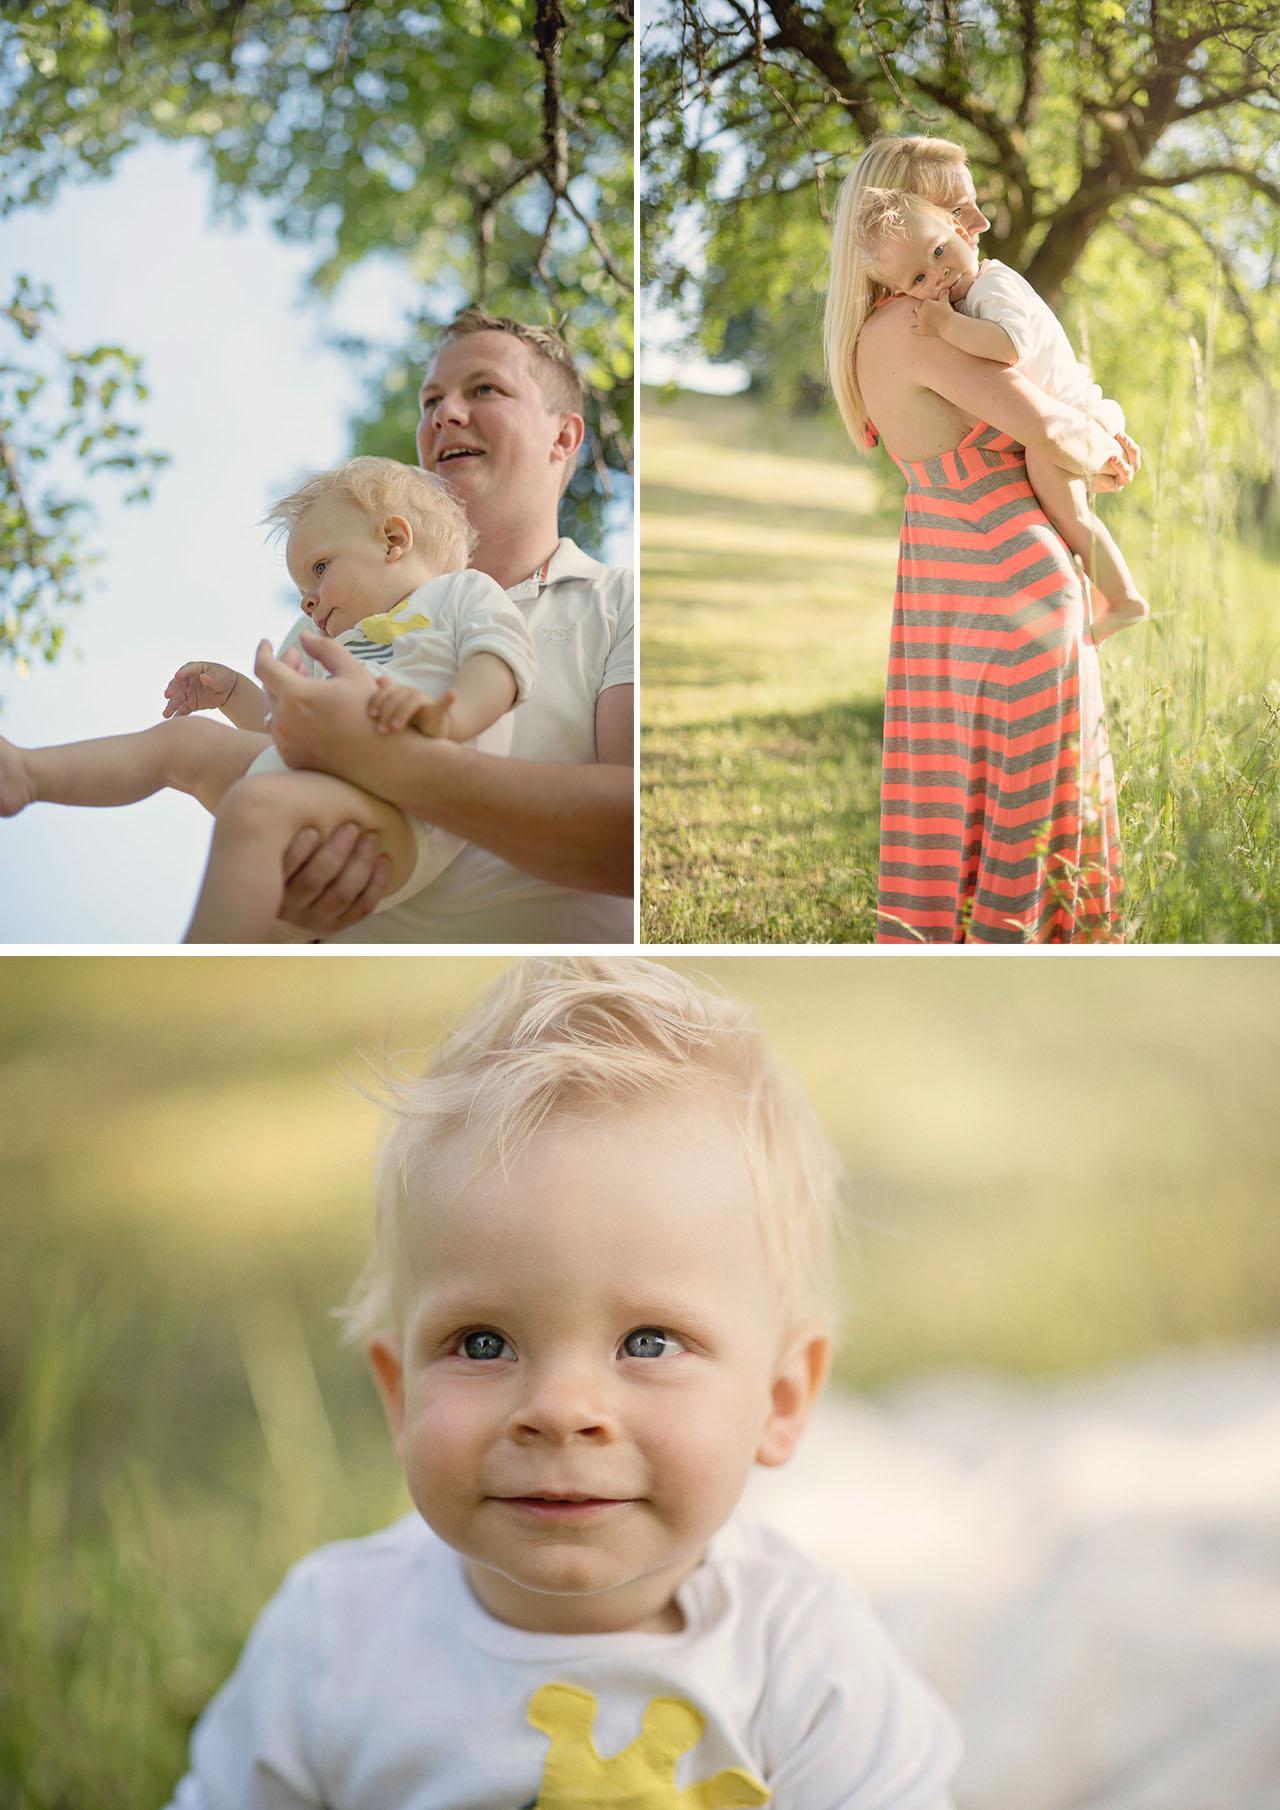 fotografiranje otrok_natasa_medvesek (49)